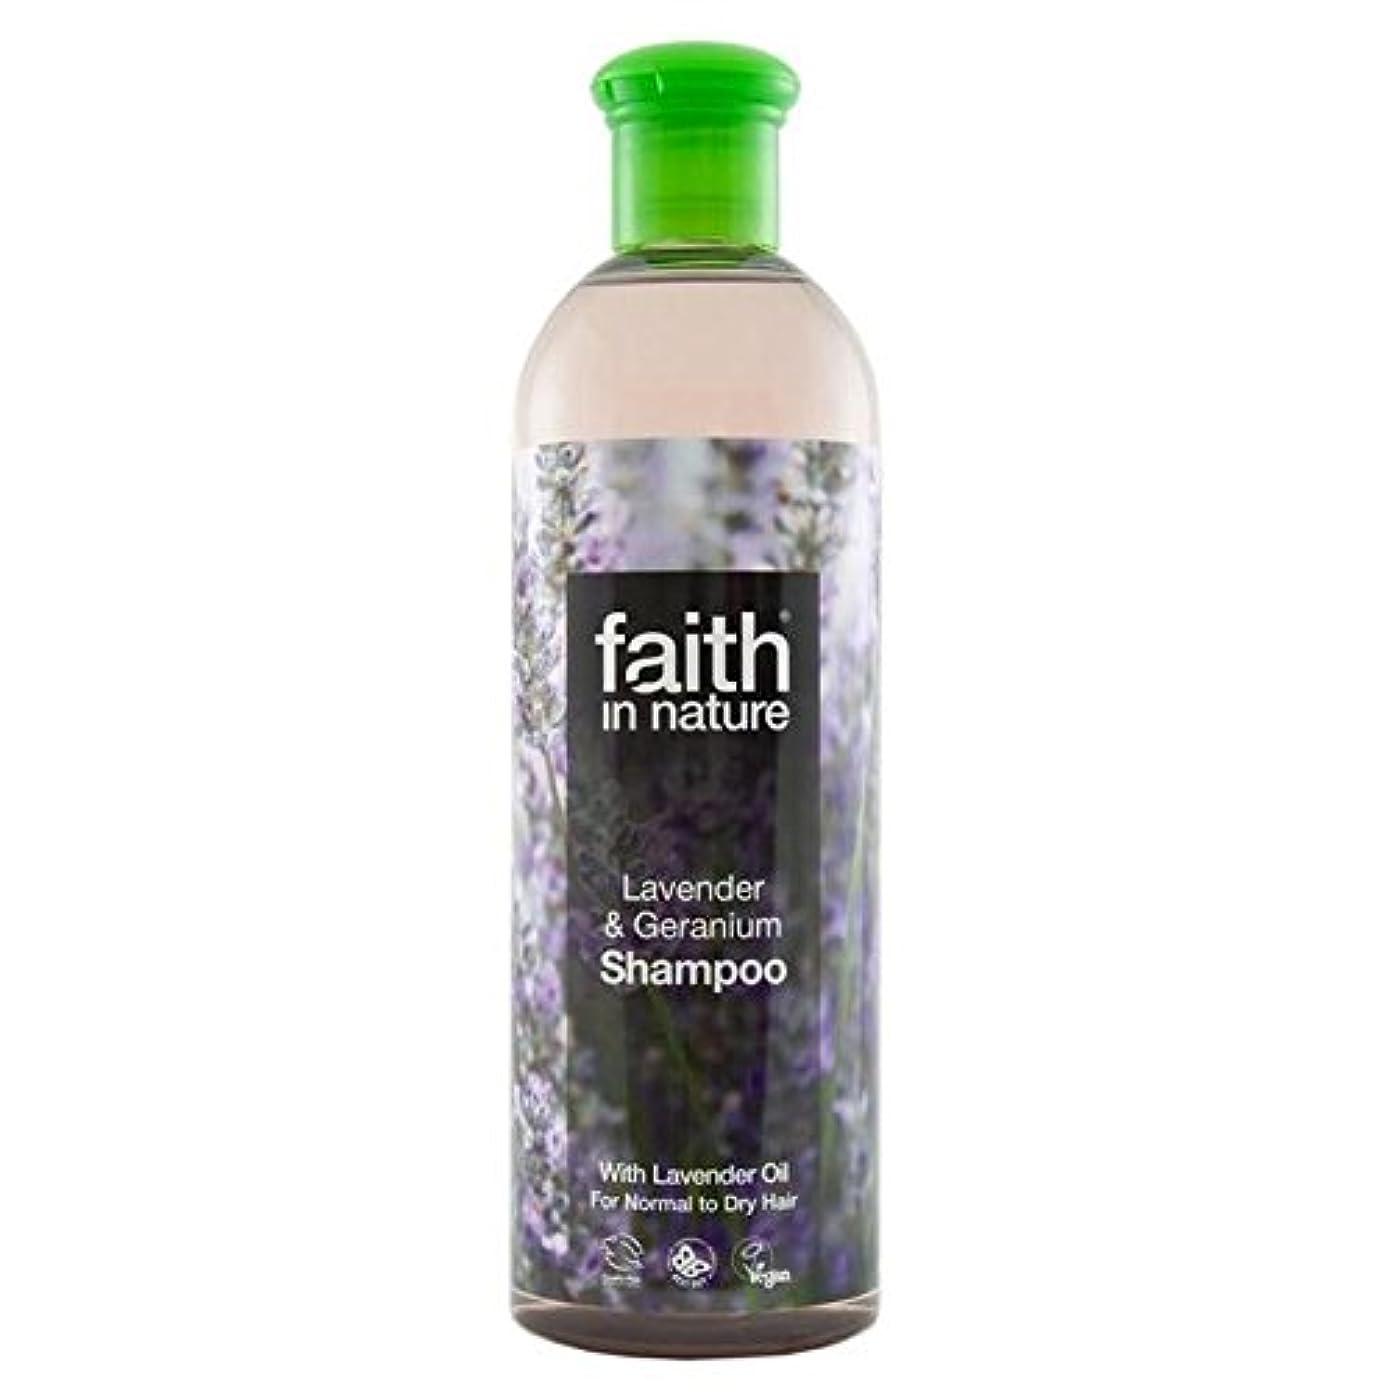 適格誠意羊飼いFaith in Nature Lavender & Geranium Shampoo 740ml - (Faith In Nature) 自然ラベンダー&ゼラニウムのシャンプー740ミリリットルの信仰 [並行輸入品]